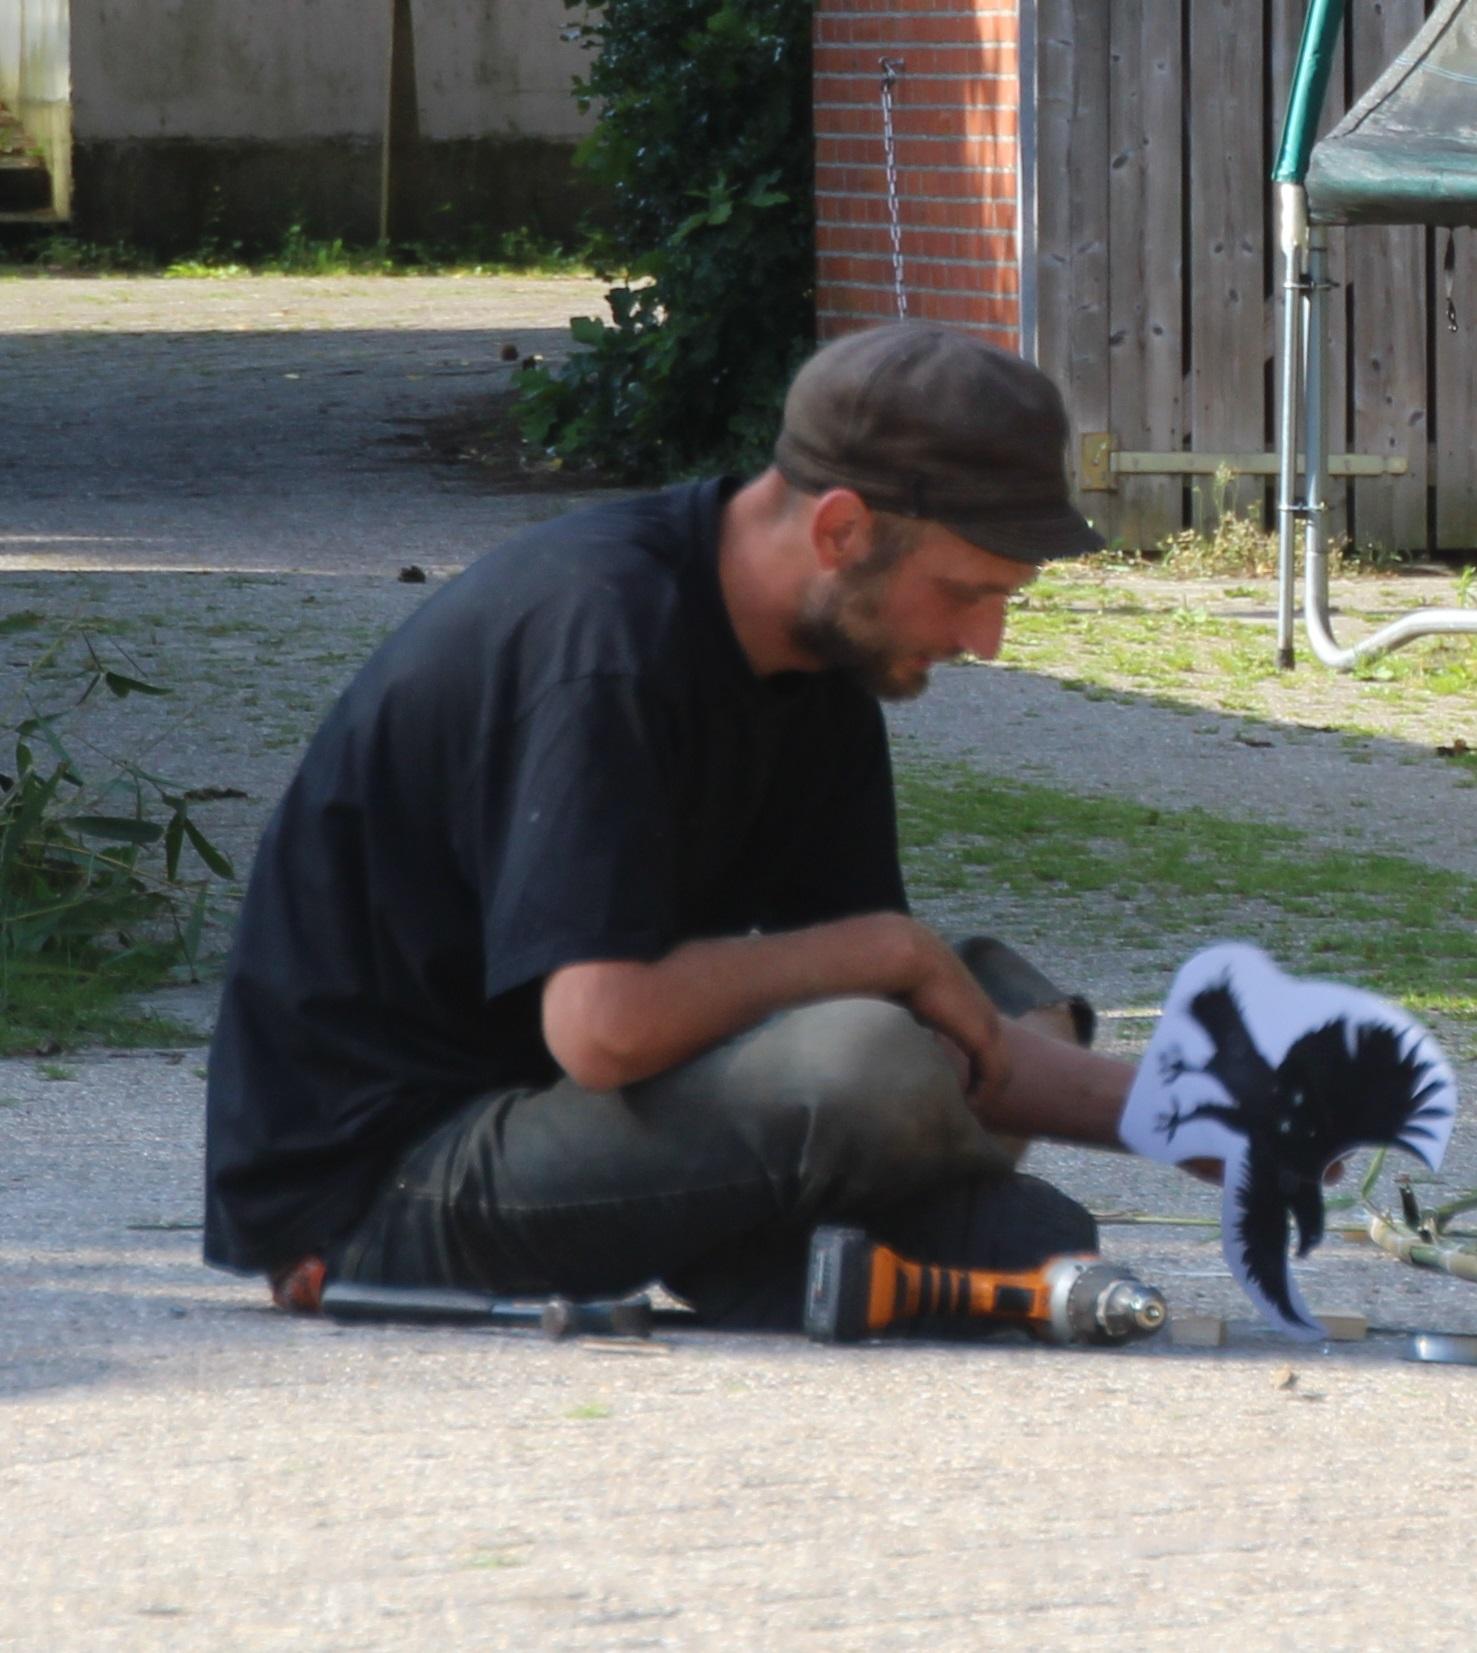 010-seq-tuinder_gijs_nauta_maakt_vogelverschrikkers_het_proefveld_zelfoogsttuin_biotoop_haren_foto_simon_wijma.jpg